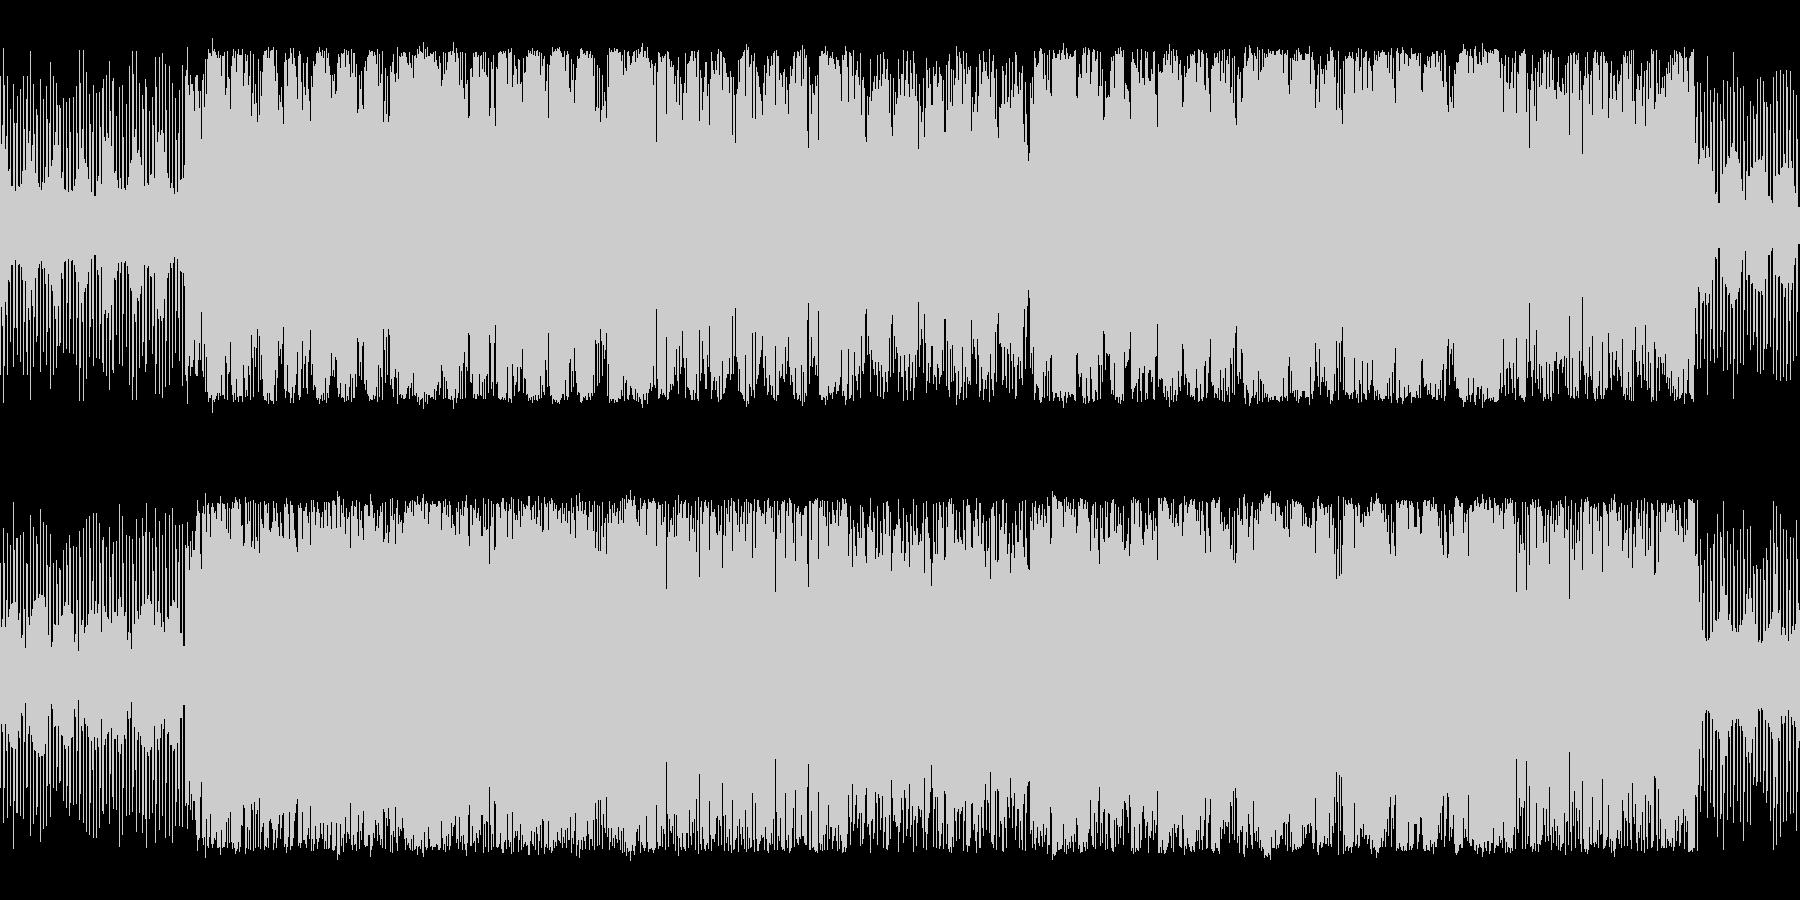 明るく疾走感のあるチップチューンサウンドの未再生の波形